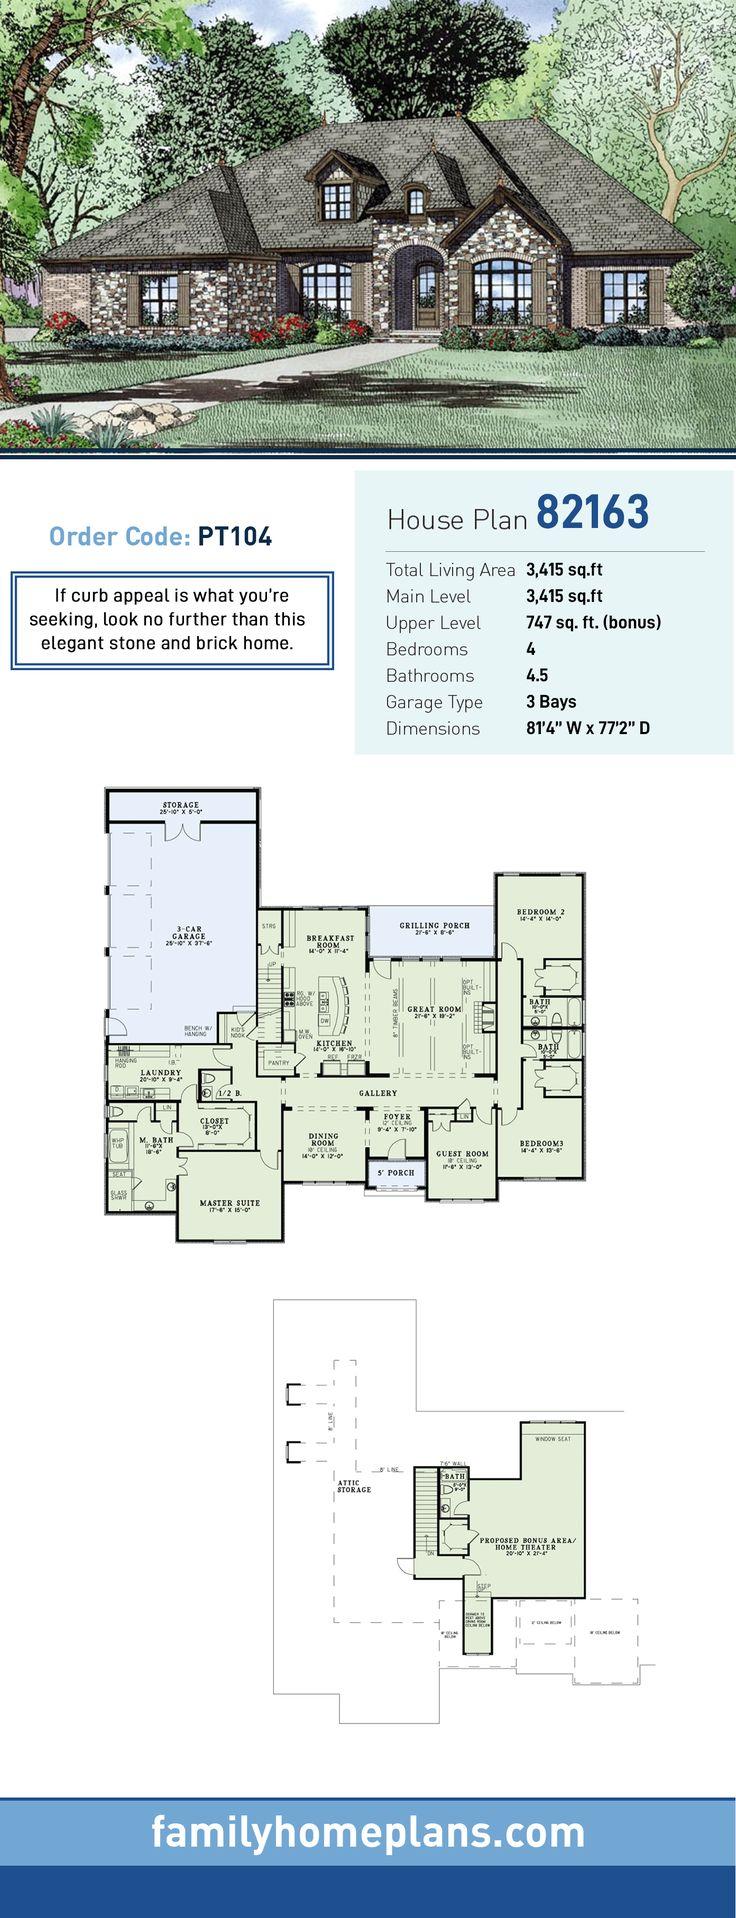 23 Genius Apartment Block Floor Plans Home Decorating Ideas House Designer